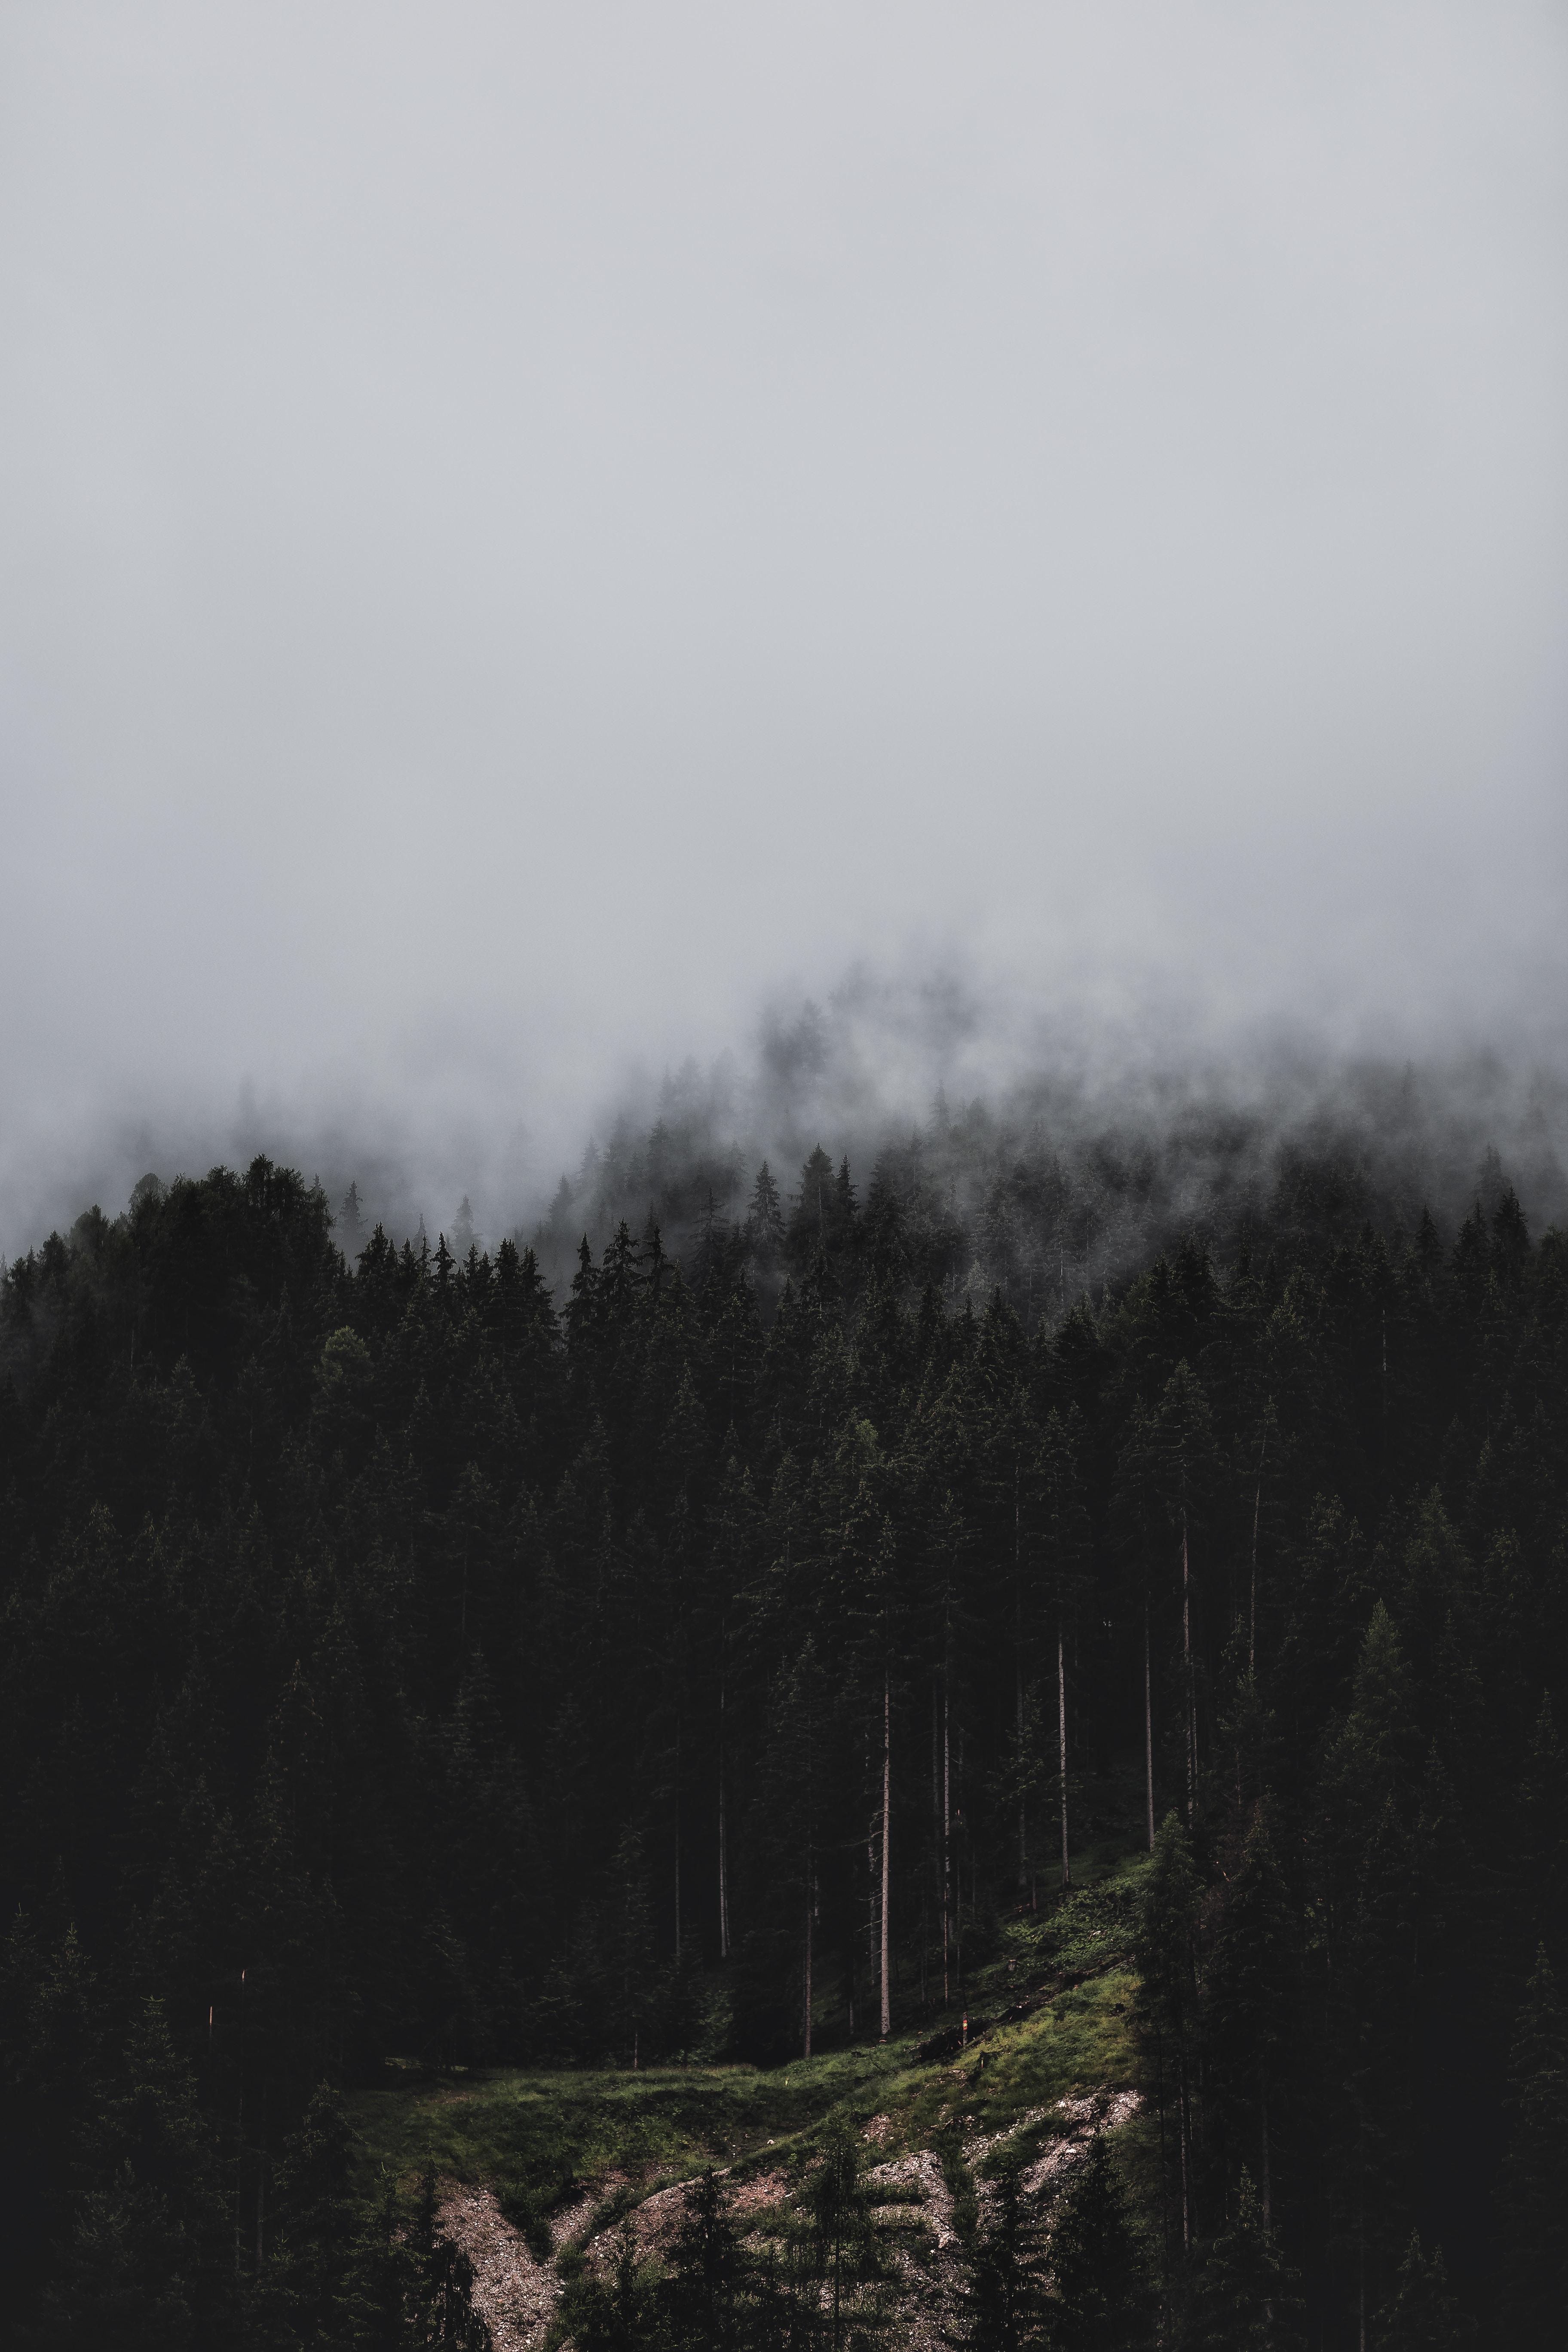 84760 скачать обои Лес, Туман, Природа, Деревья, Сосны - заставки и картинки бесплатно